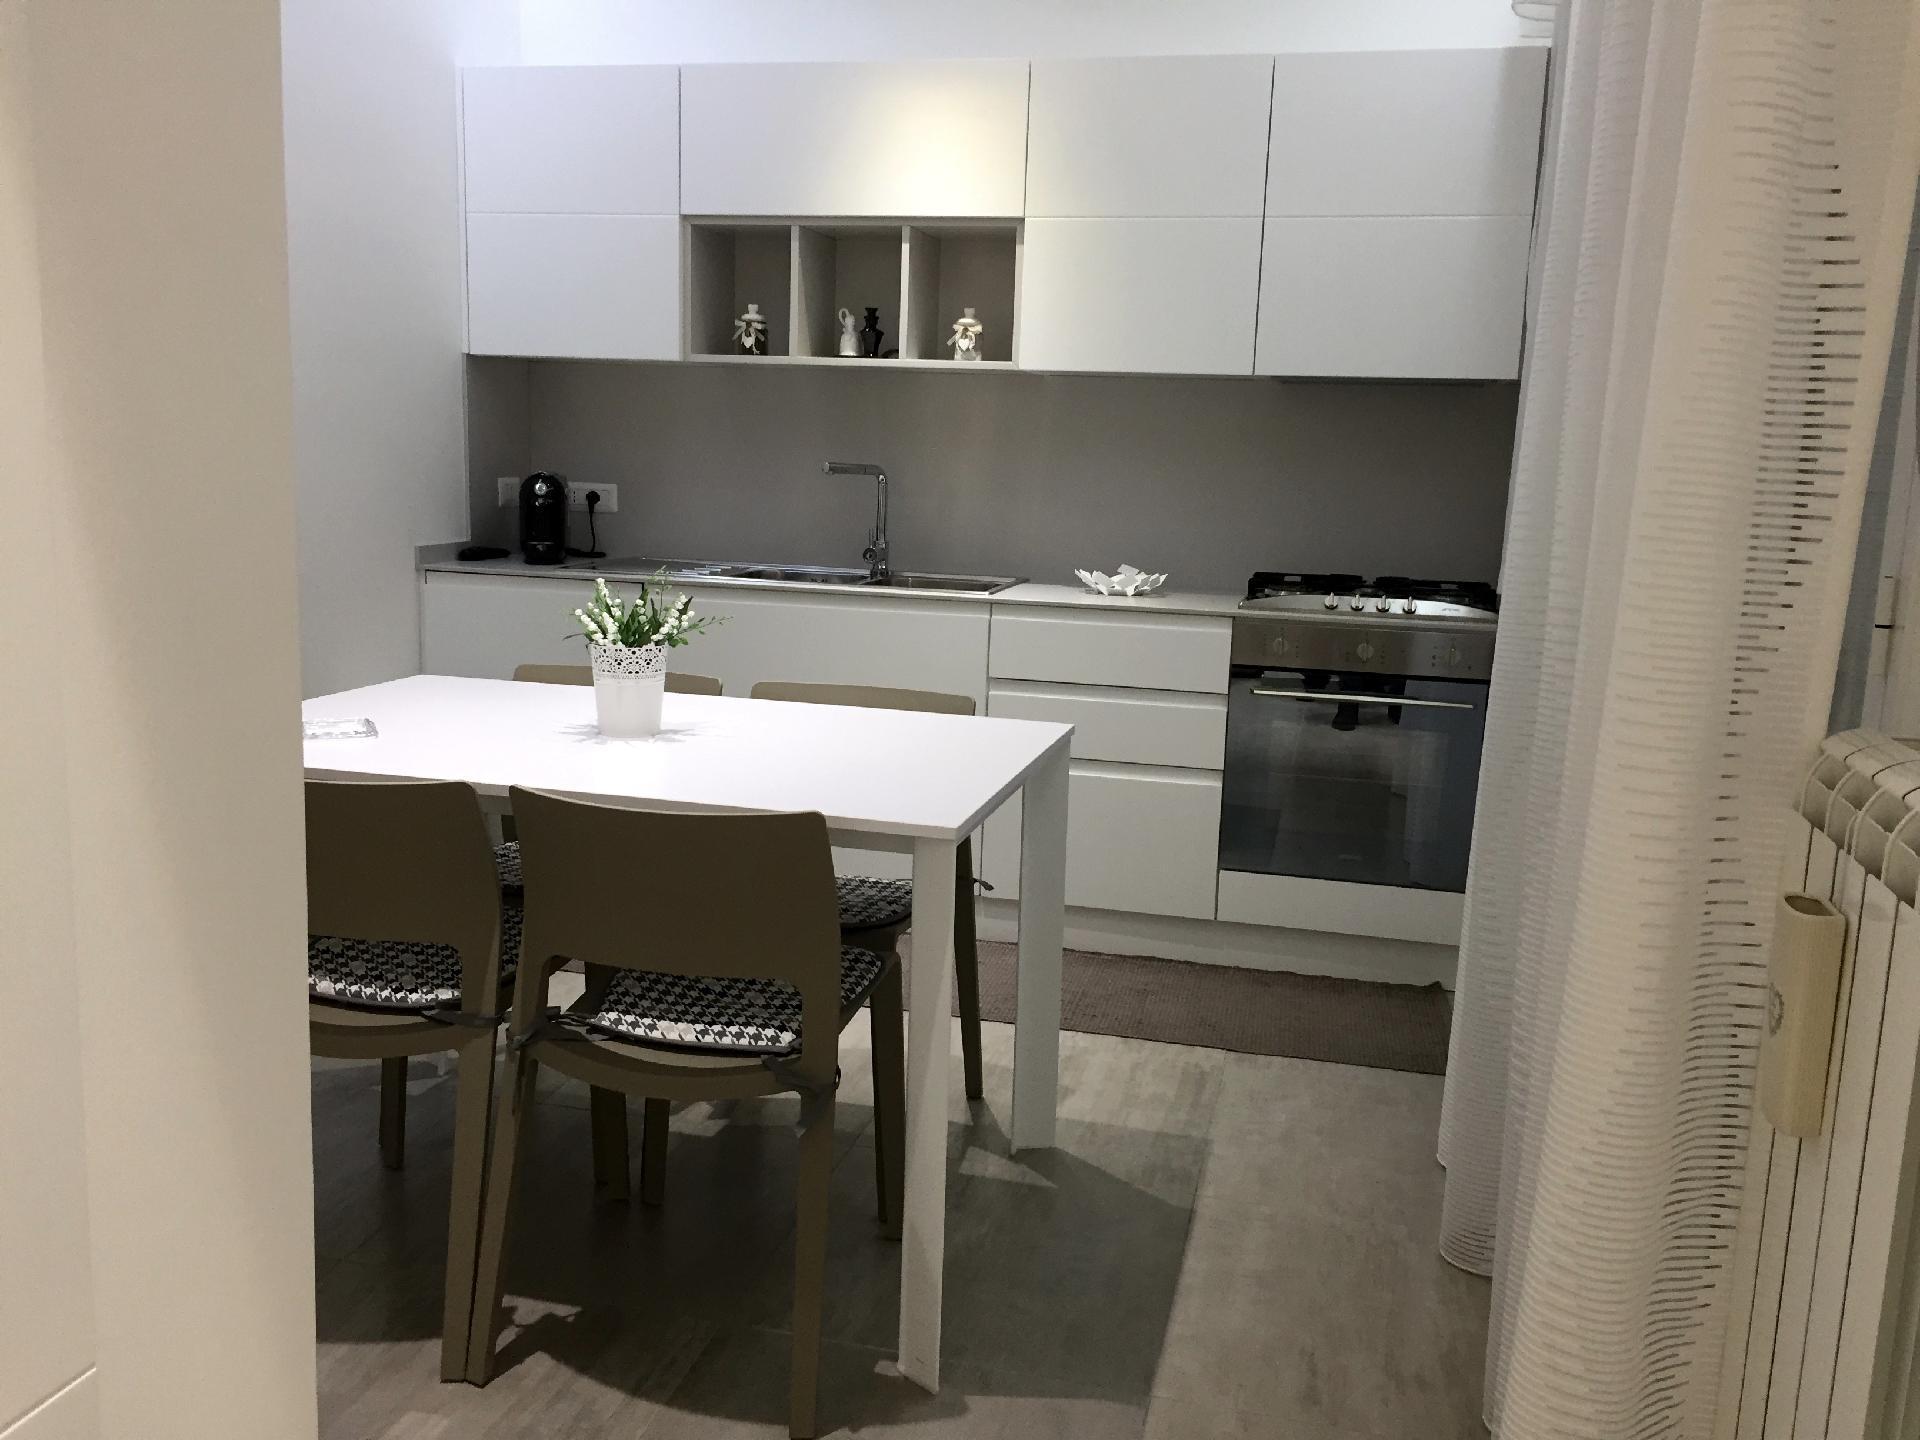 Arredamenti per casa cucina porte bagno arredamento for Arredamento catania